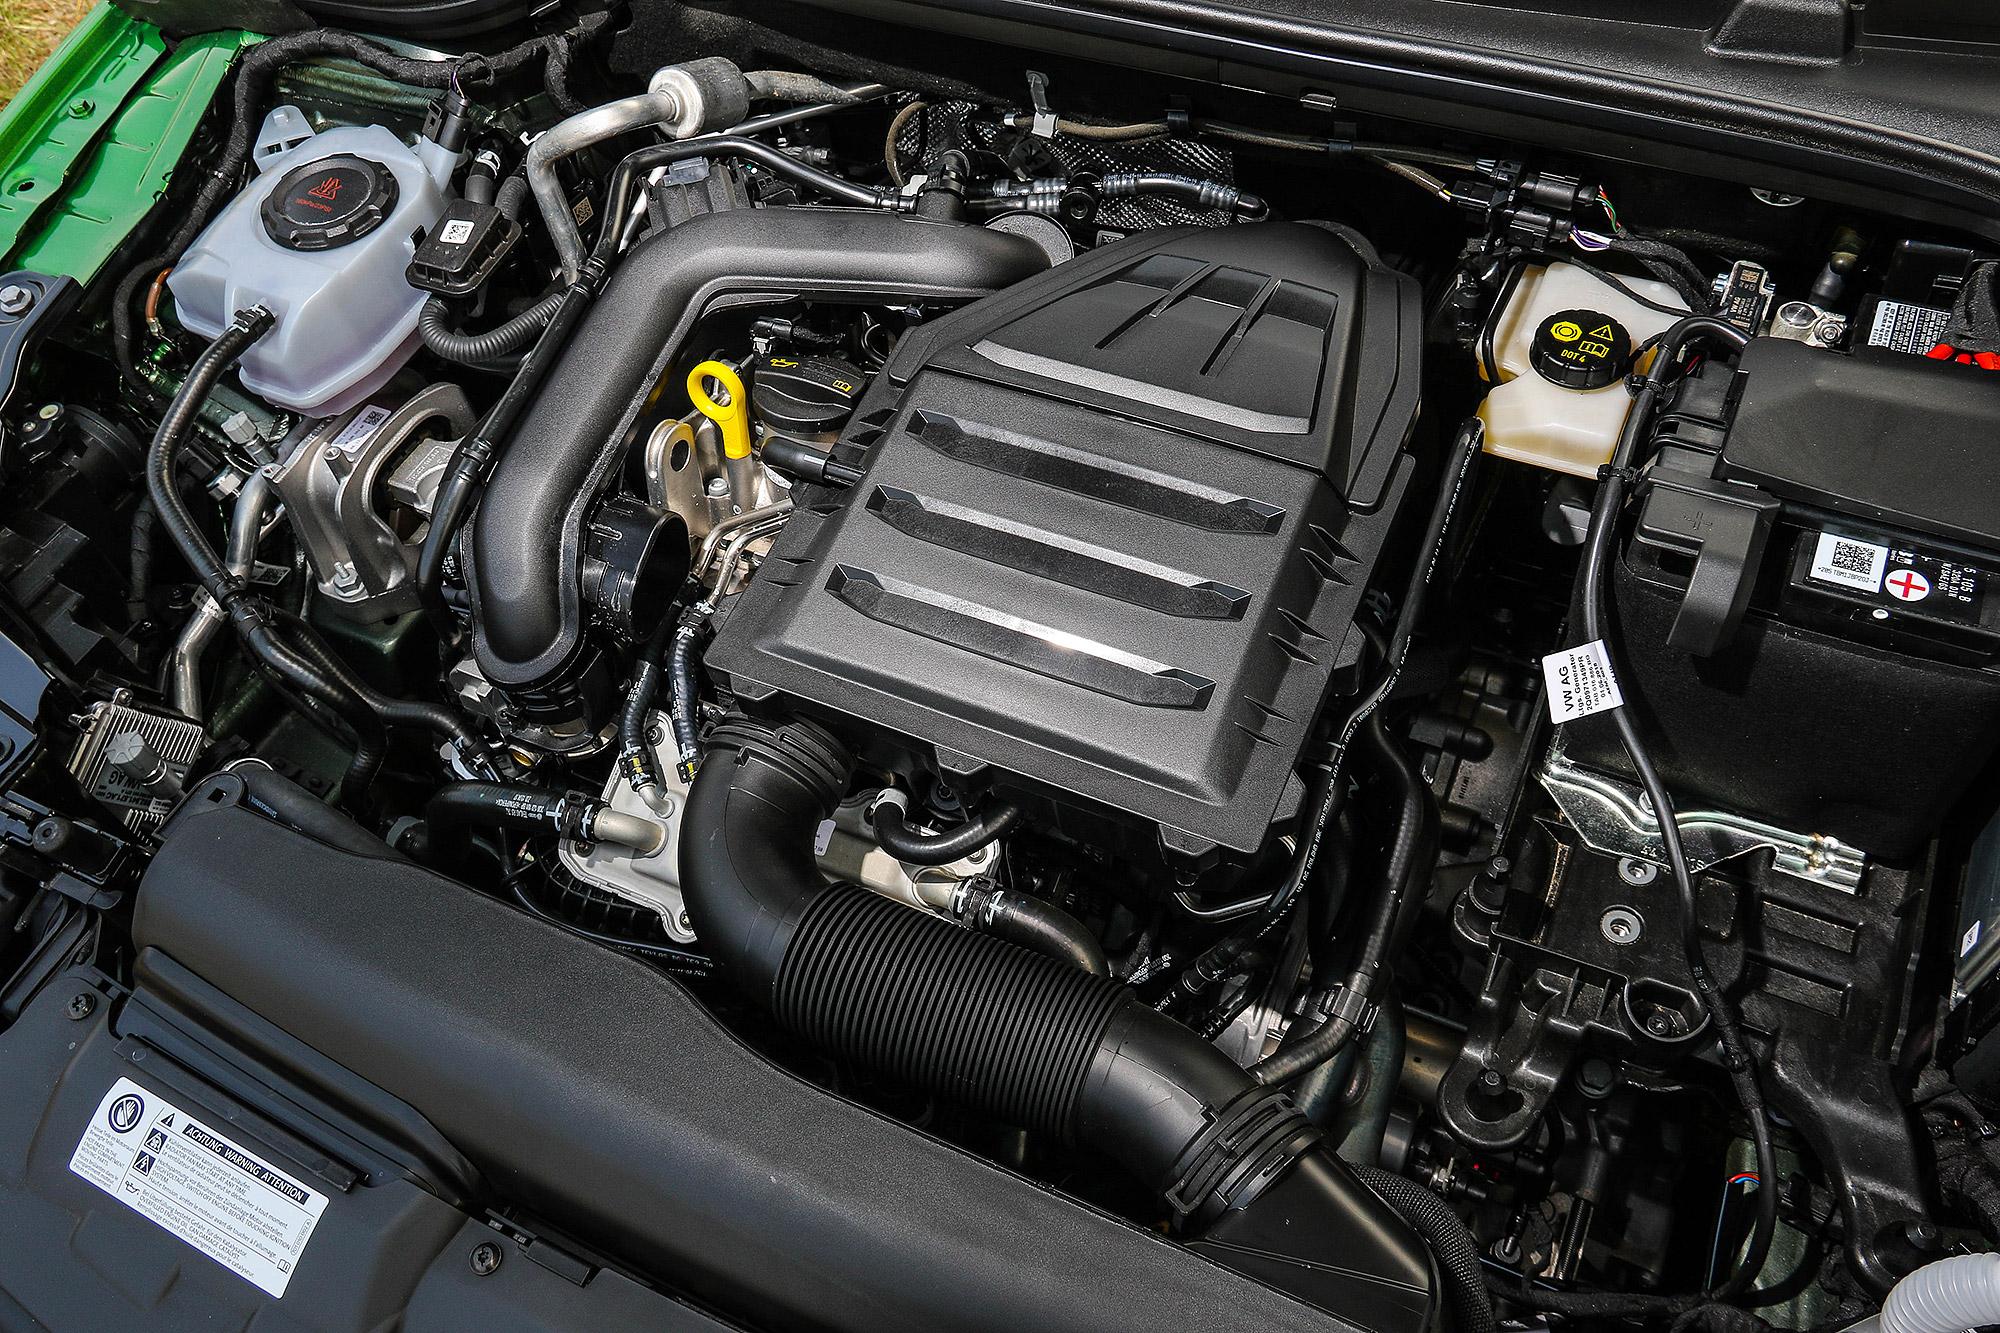 1.0 TSI 引擎具有 115 匹的最大馬力與 20.4 公斤米的最高扭力。